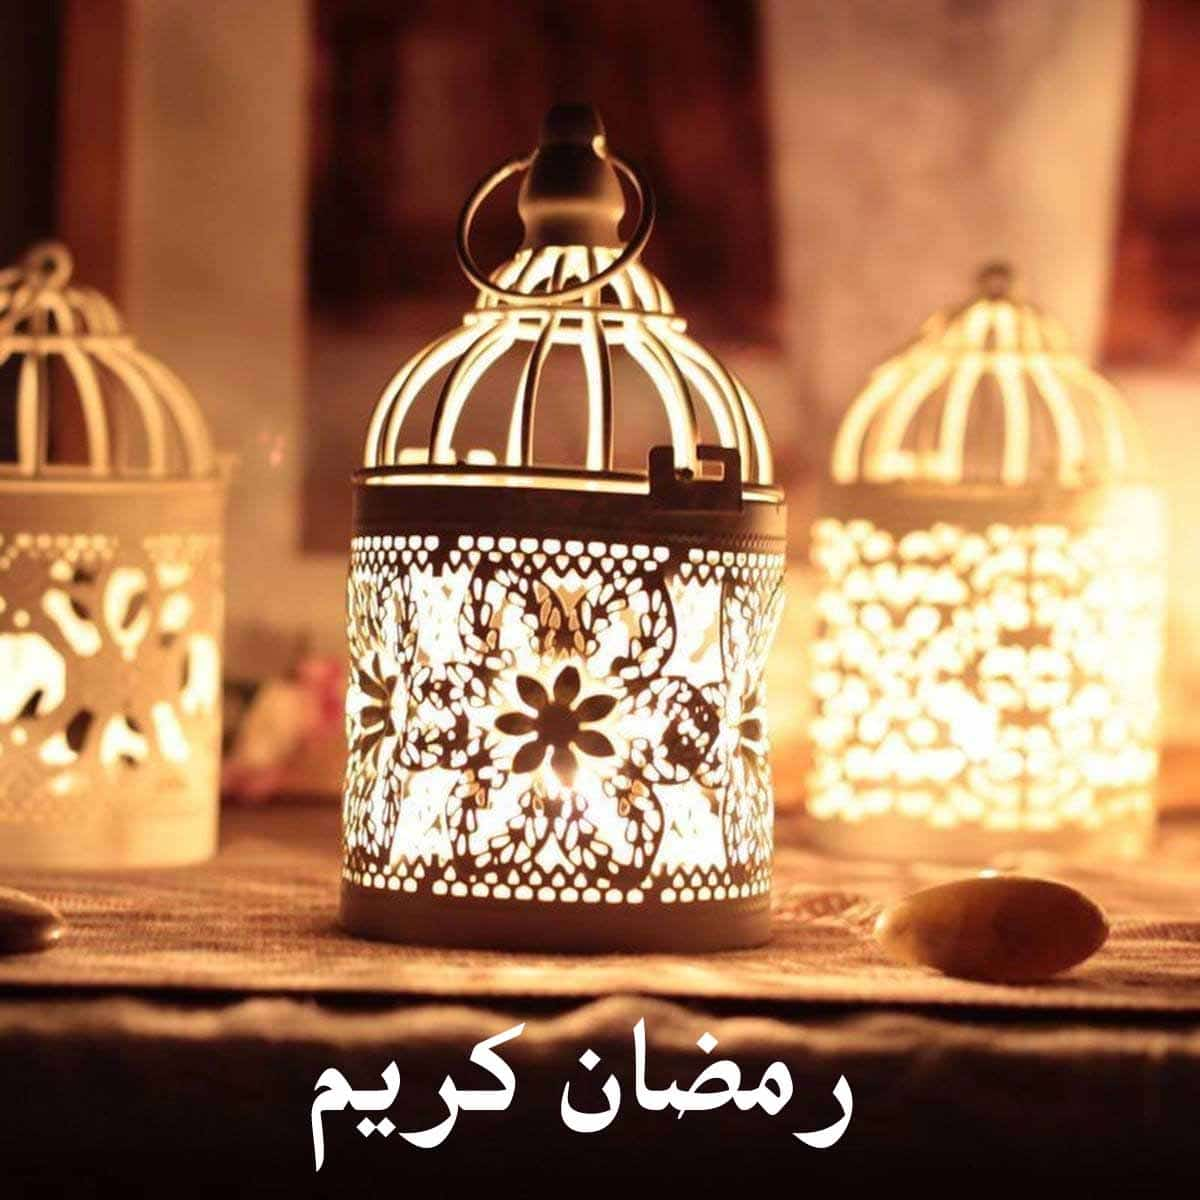 اجمل صوره لقدوم رمضان